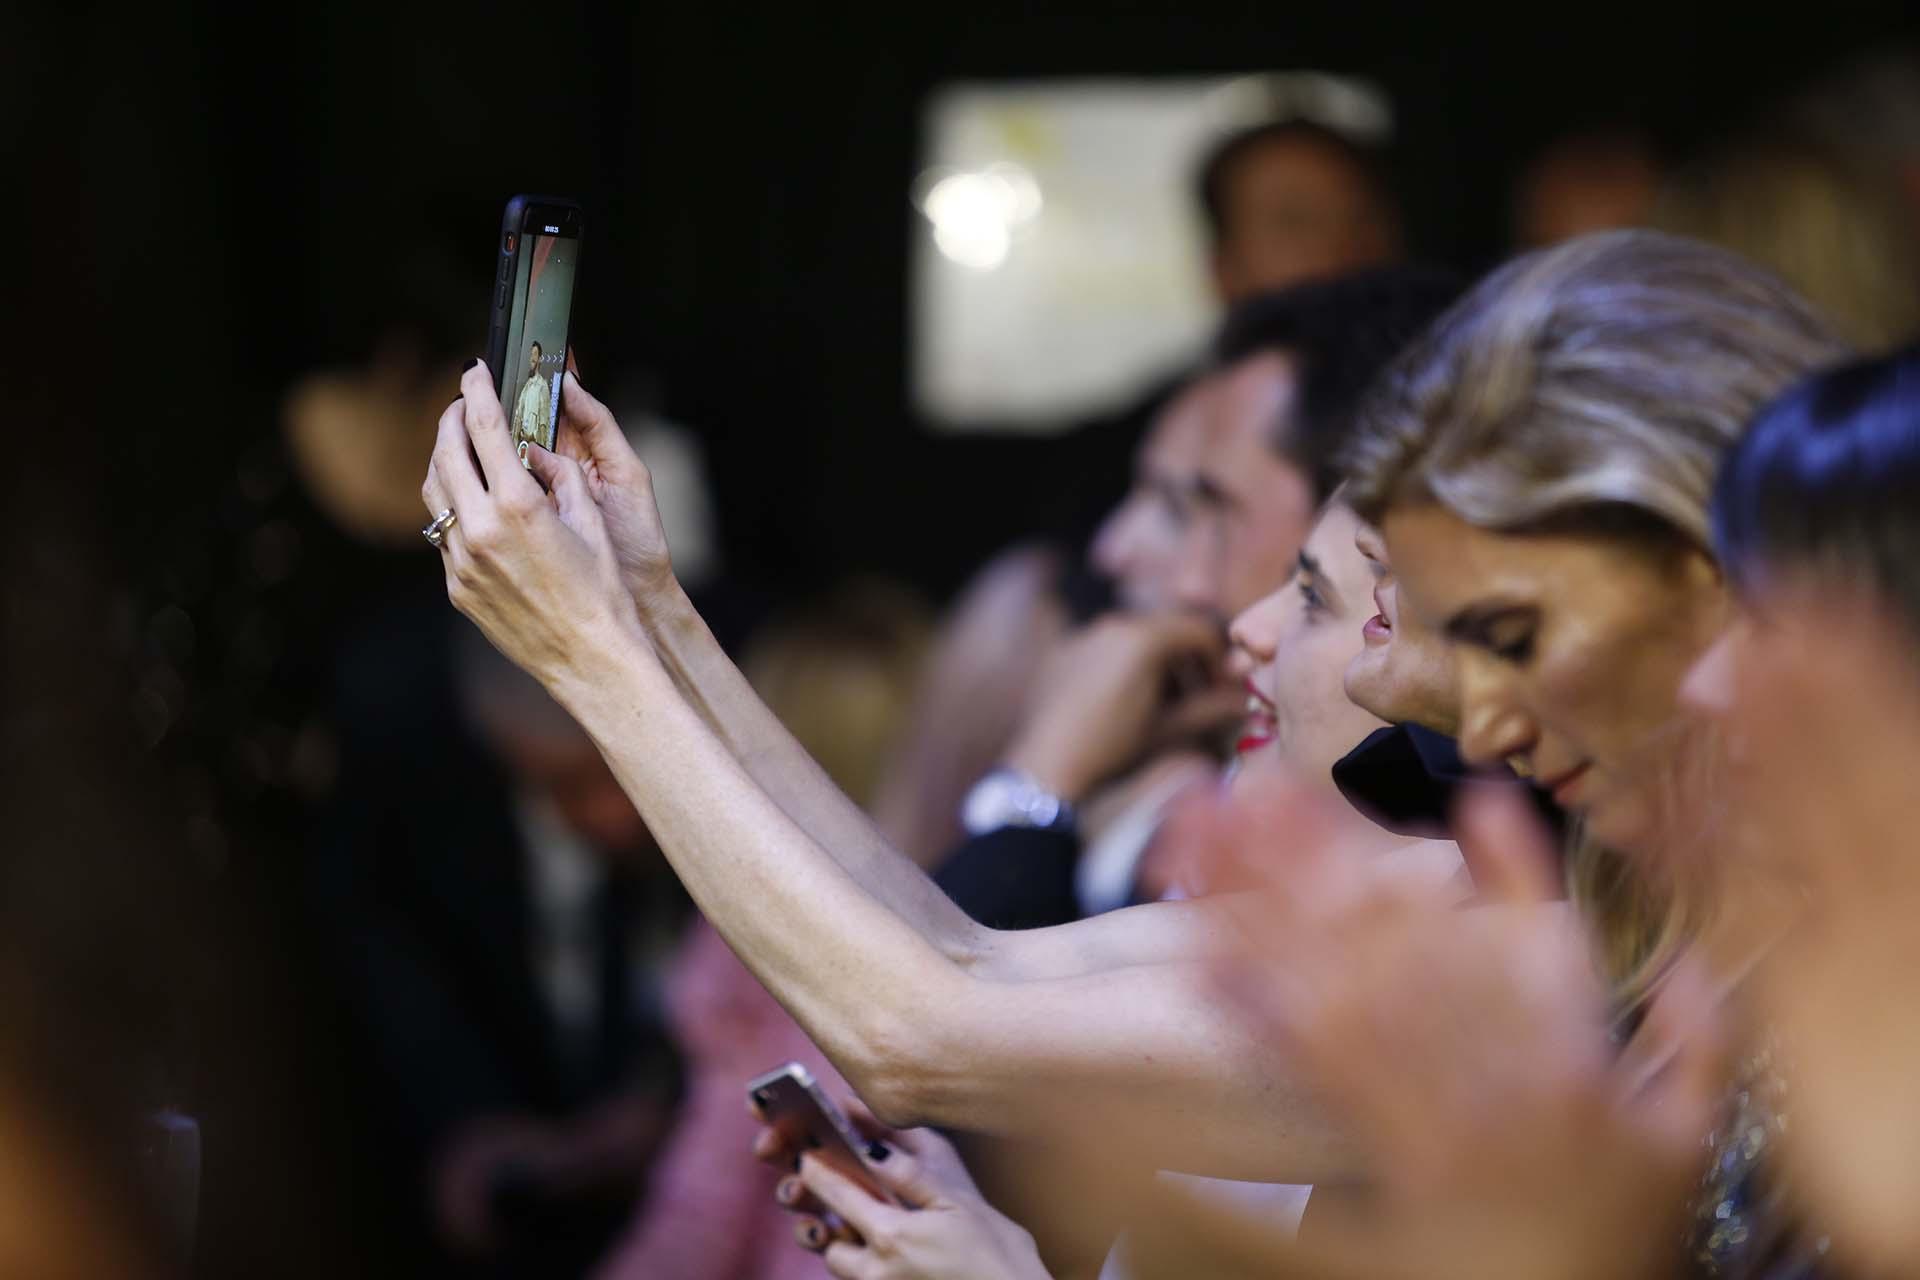 Todos quisieron llevarse fotos y videos de la gala del glamour